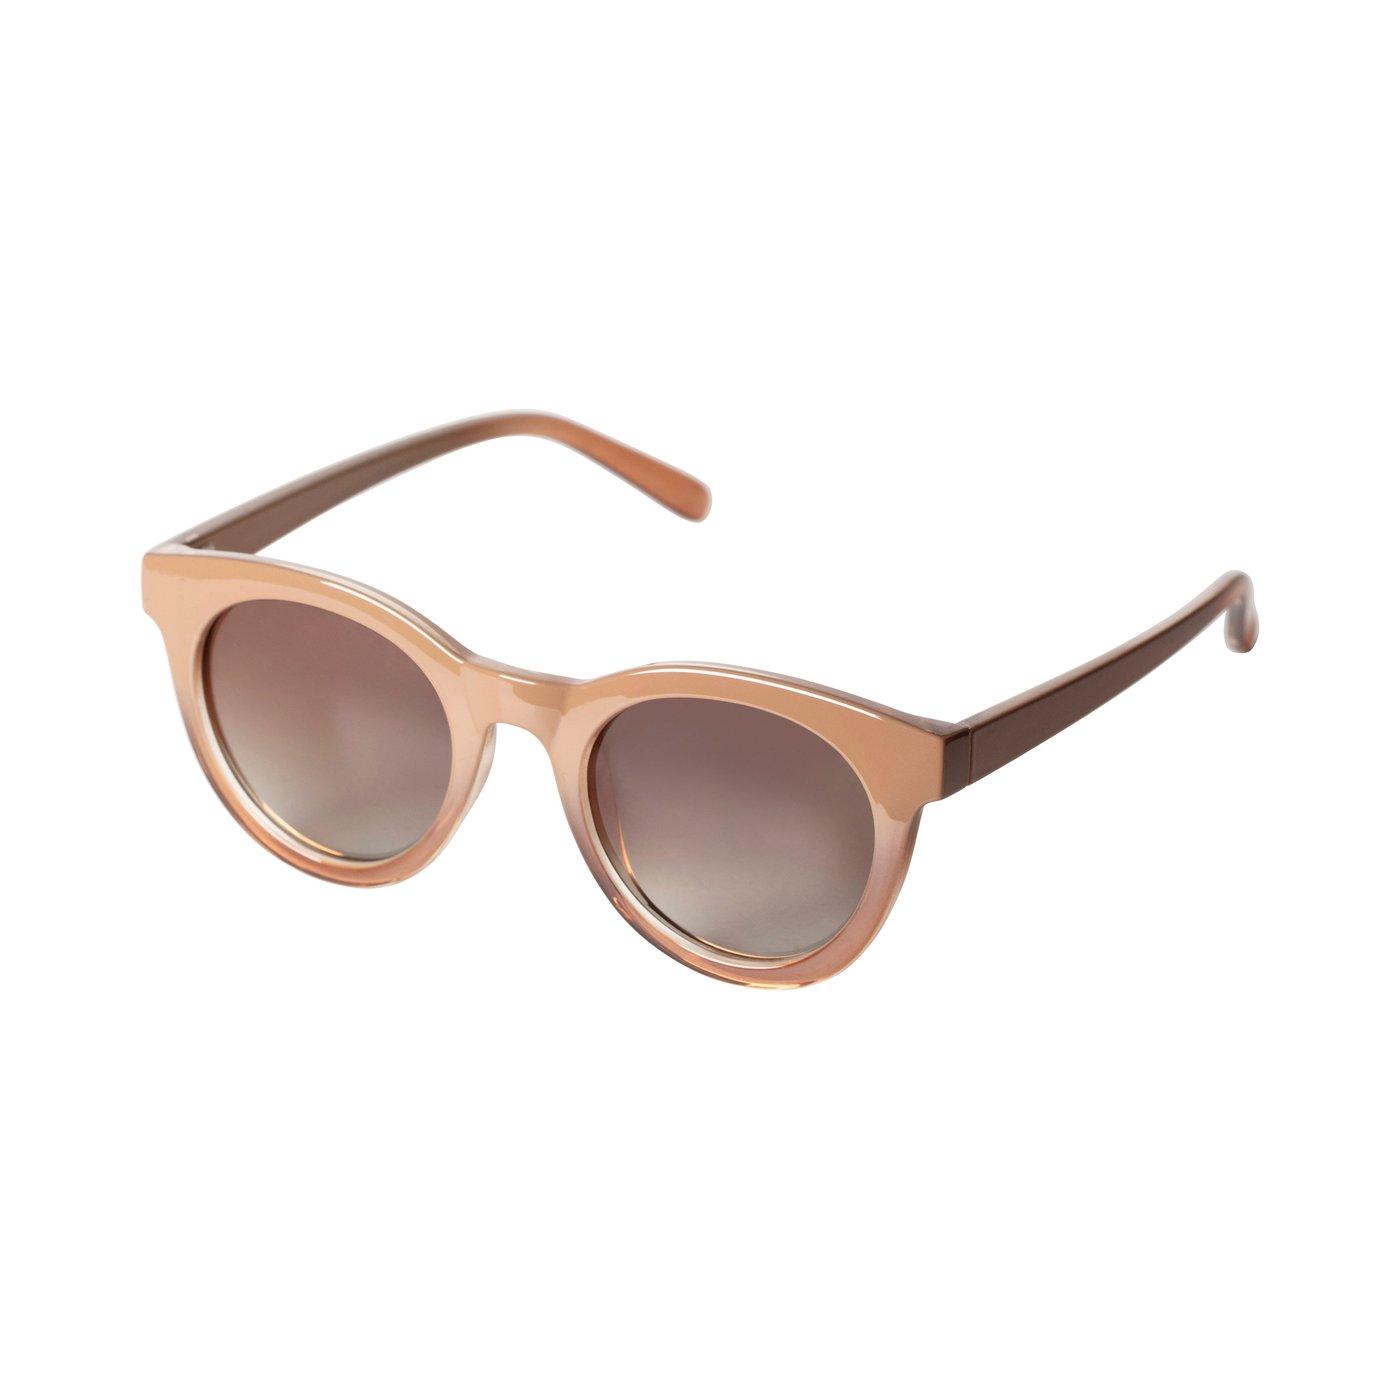 Tamara Sunglasses Brown